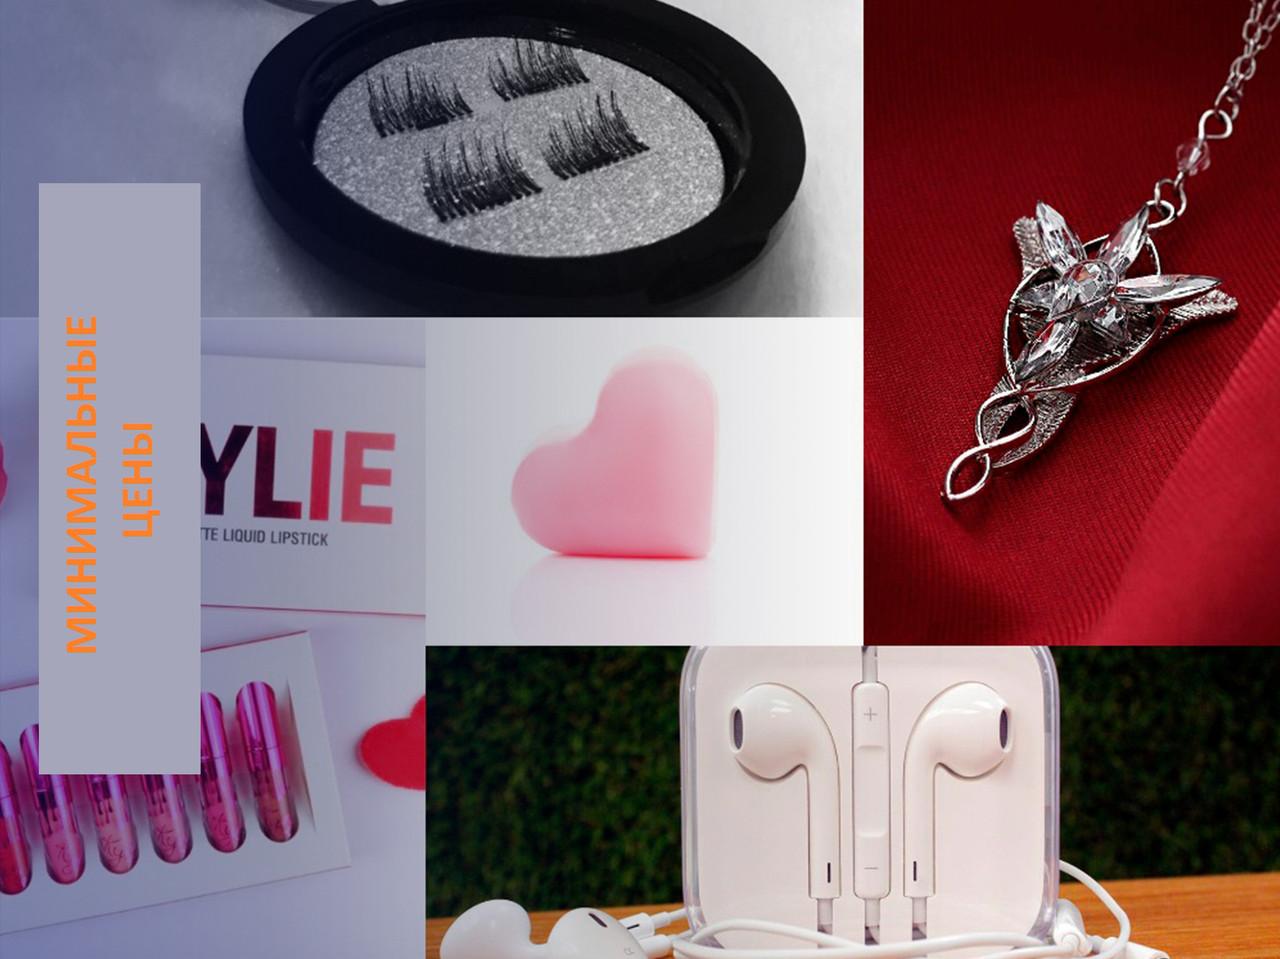 """Женский набор № 4 (Подвеска """"Arwen Evenstar""""+Набор матовых жидких помад Kylie (6 штук)+Наушники Apple EarPods)"""